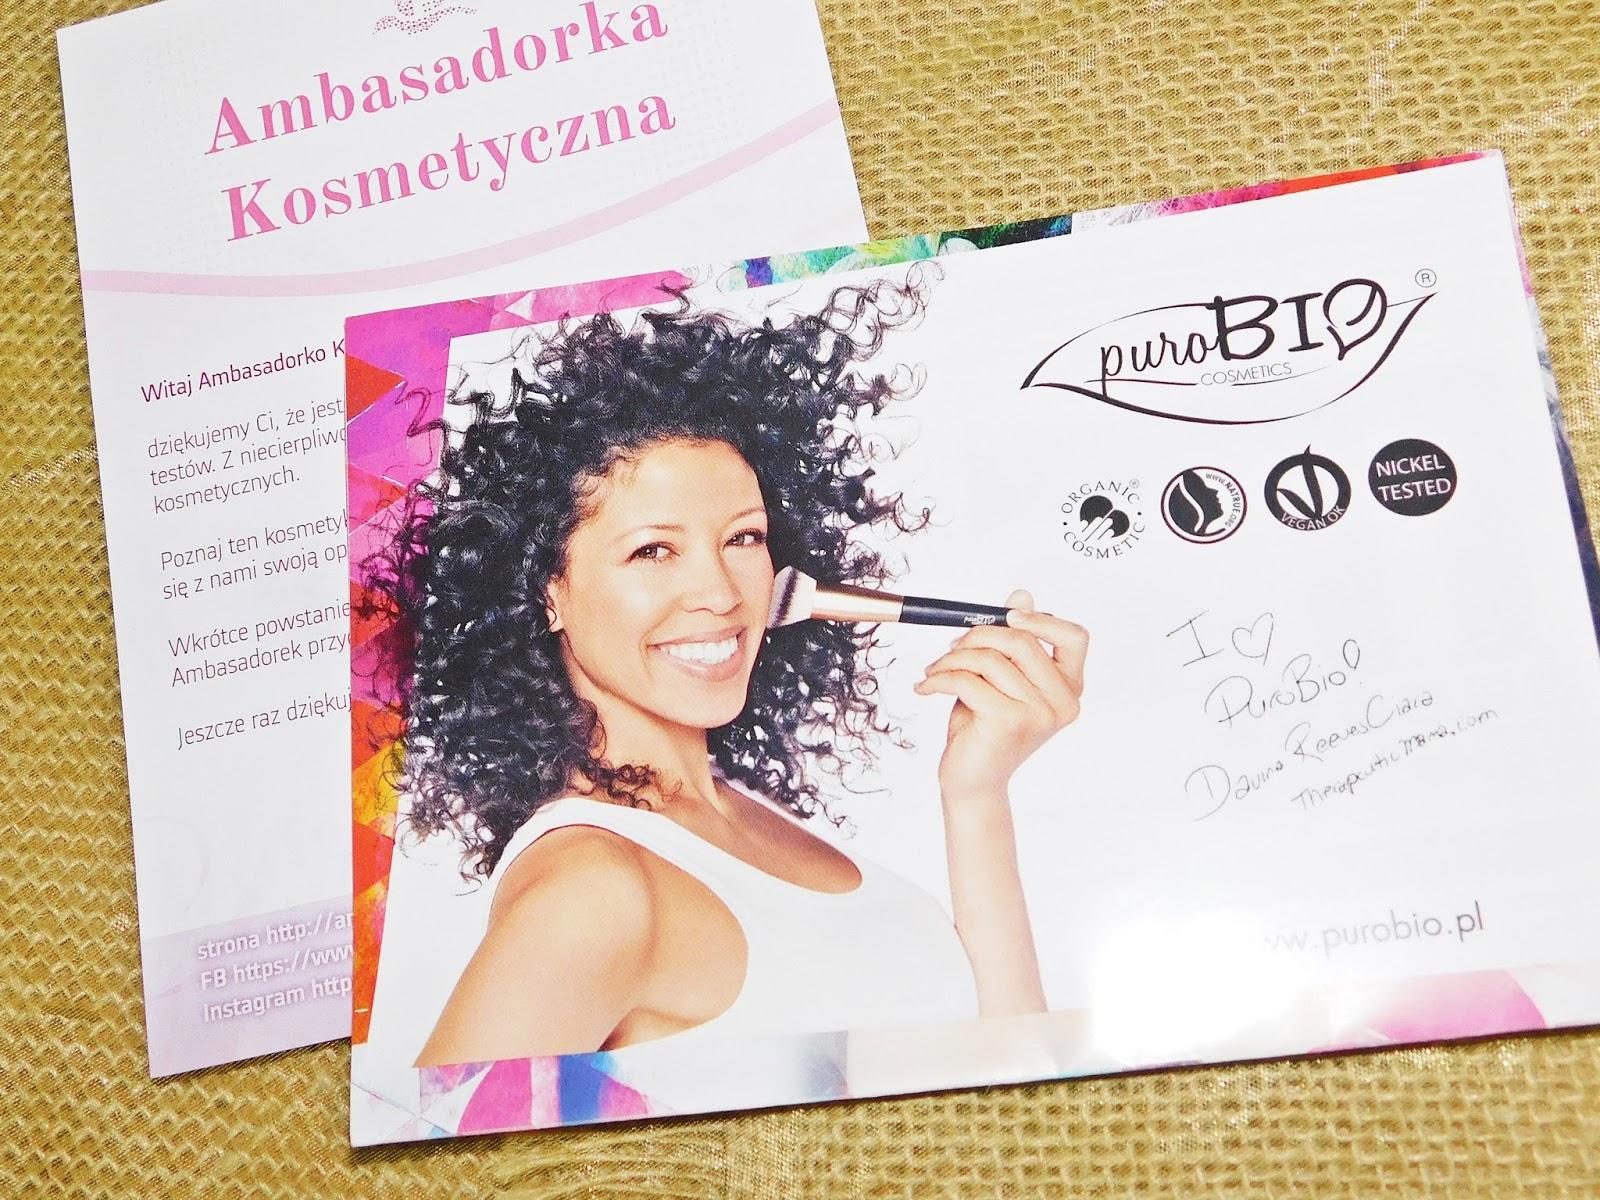 PuroBio - Krem BB Sublime. Testowanie z Ambasadorką Kosmetyczną.